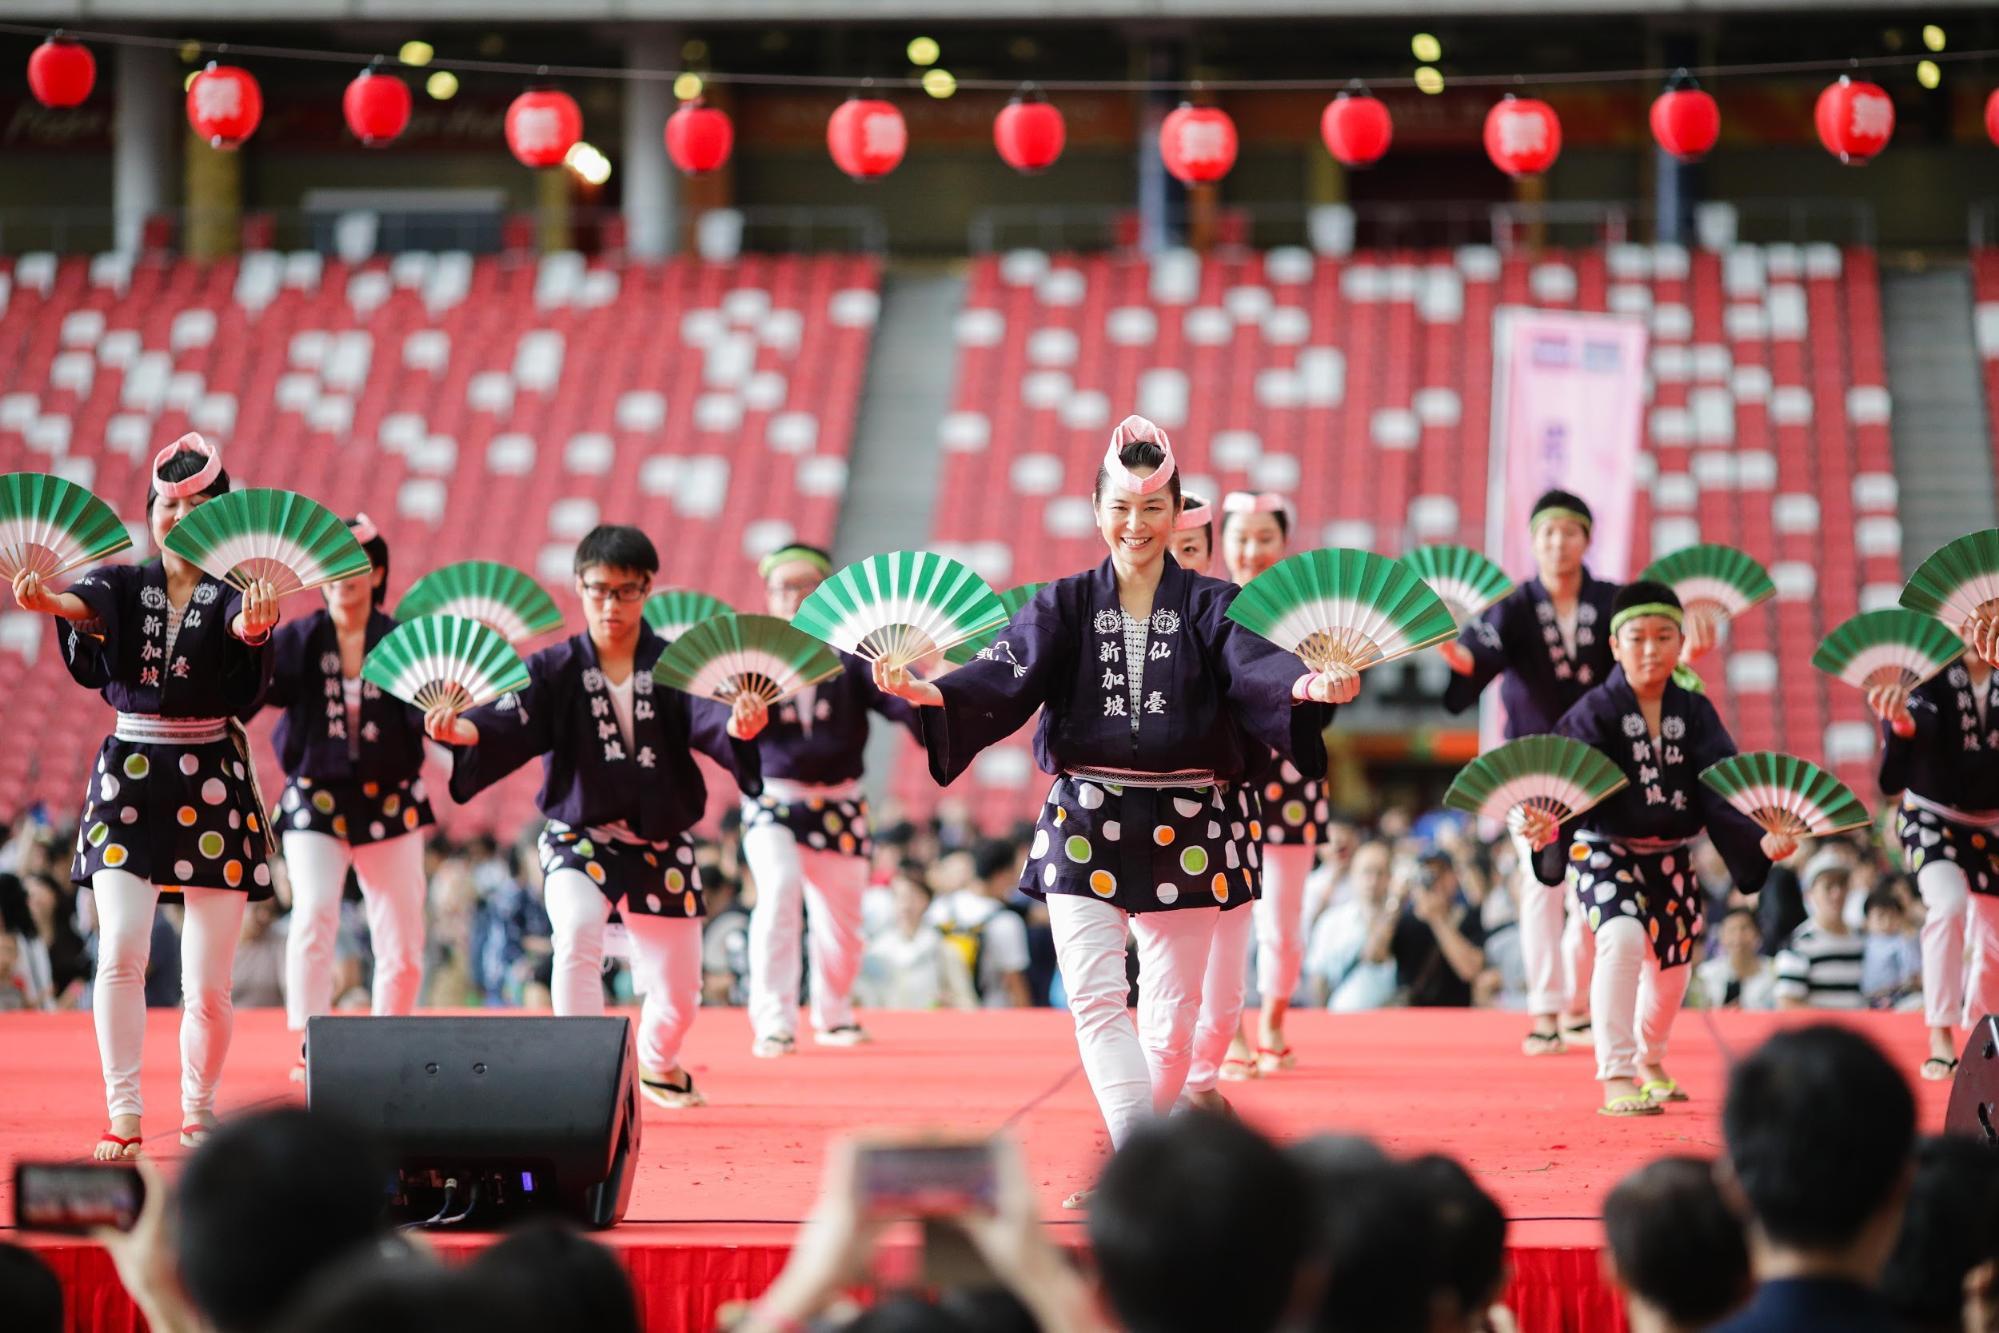 things to do in september - bon odori at japan summer festival